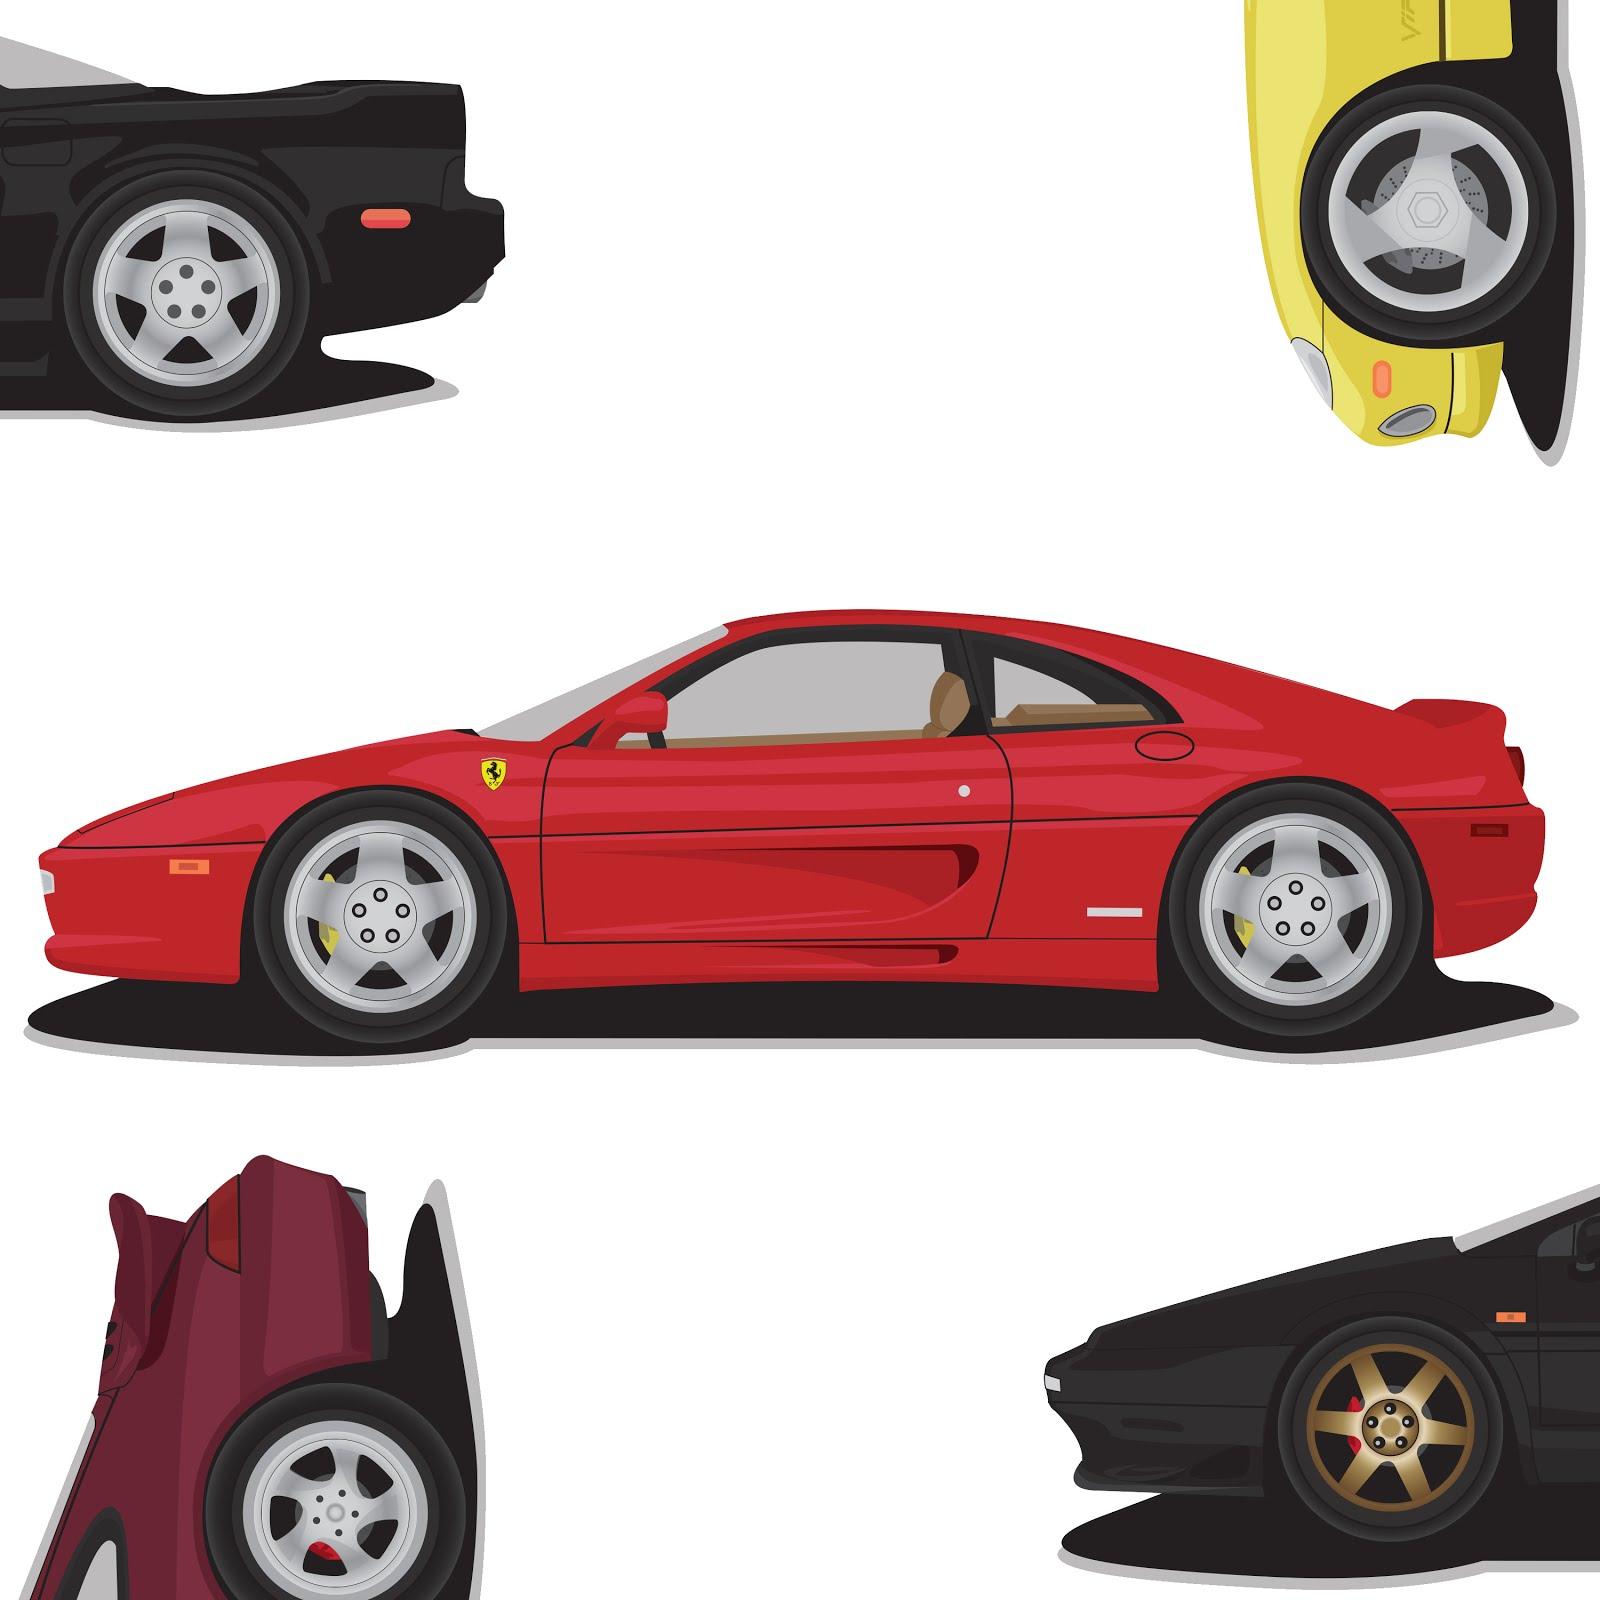 Illustration: Super cars of 1995